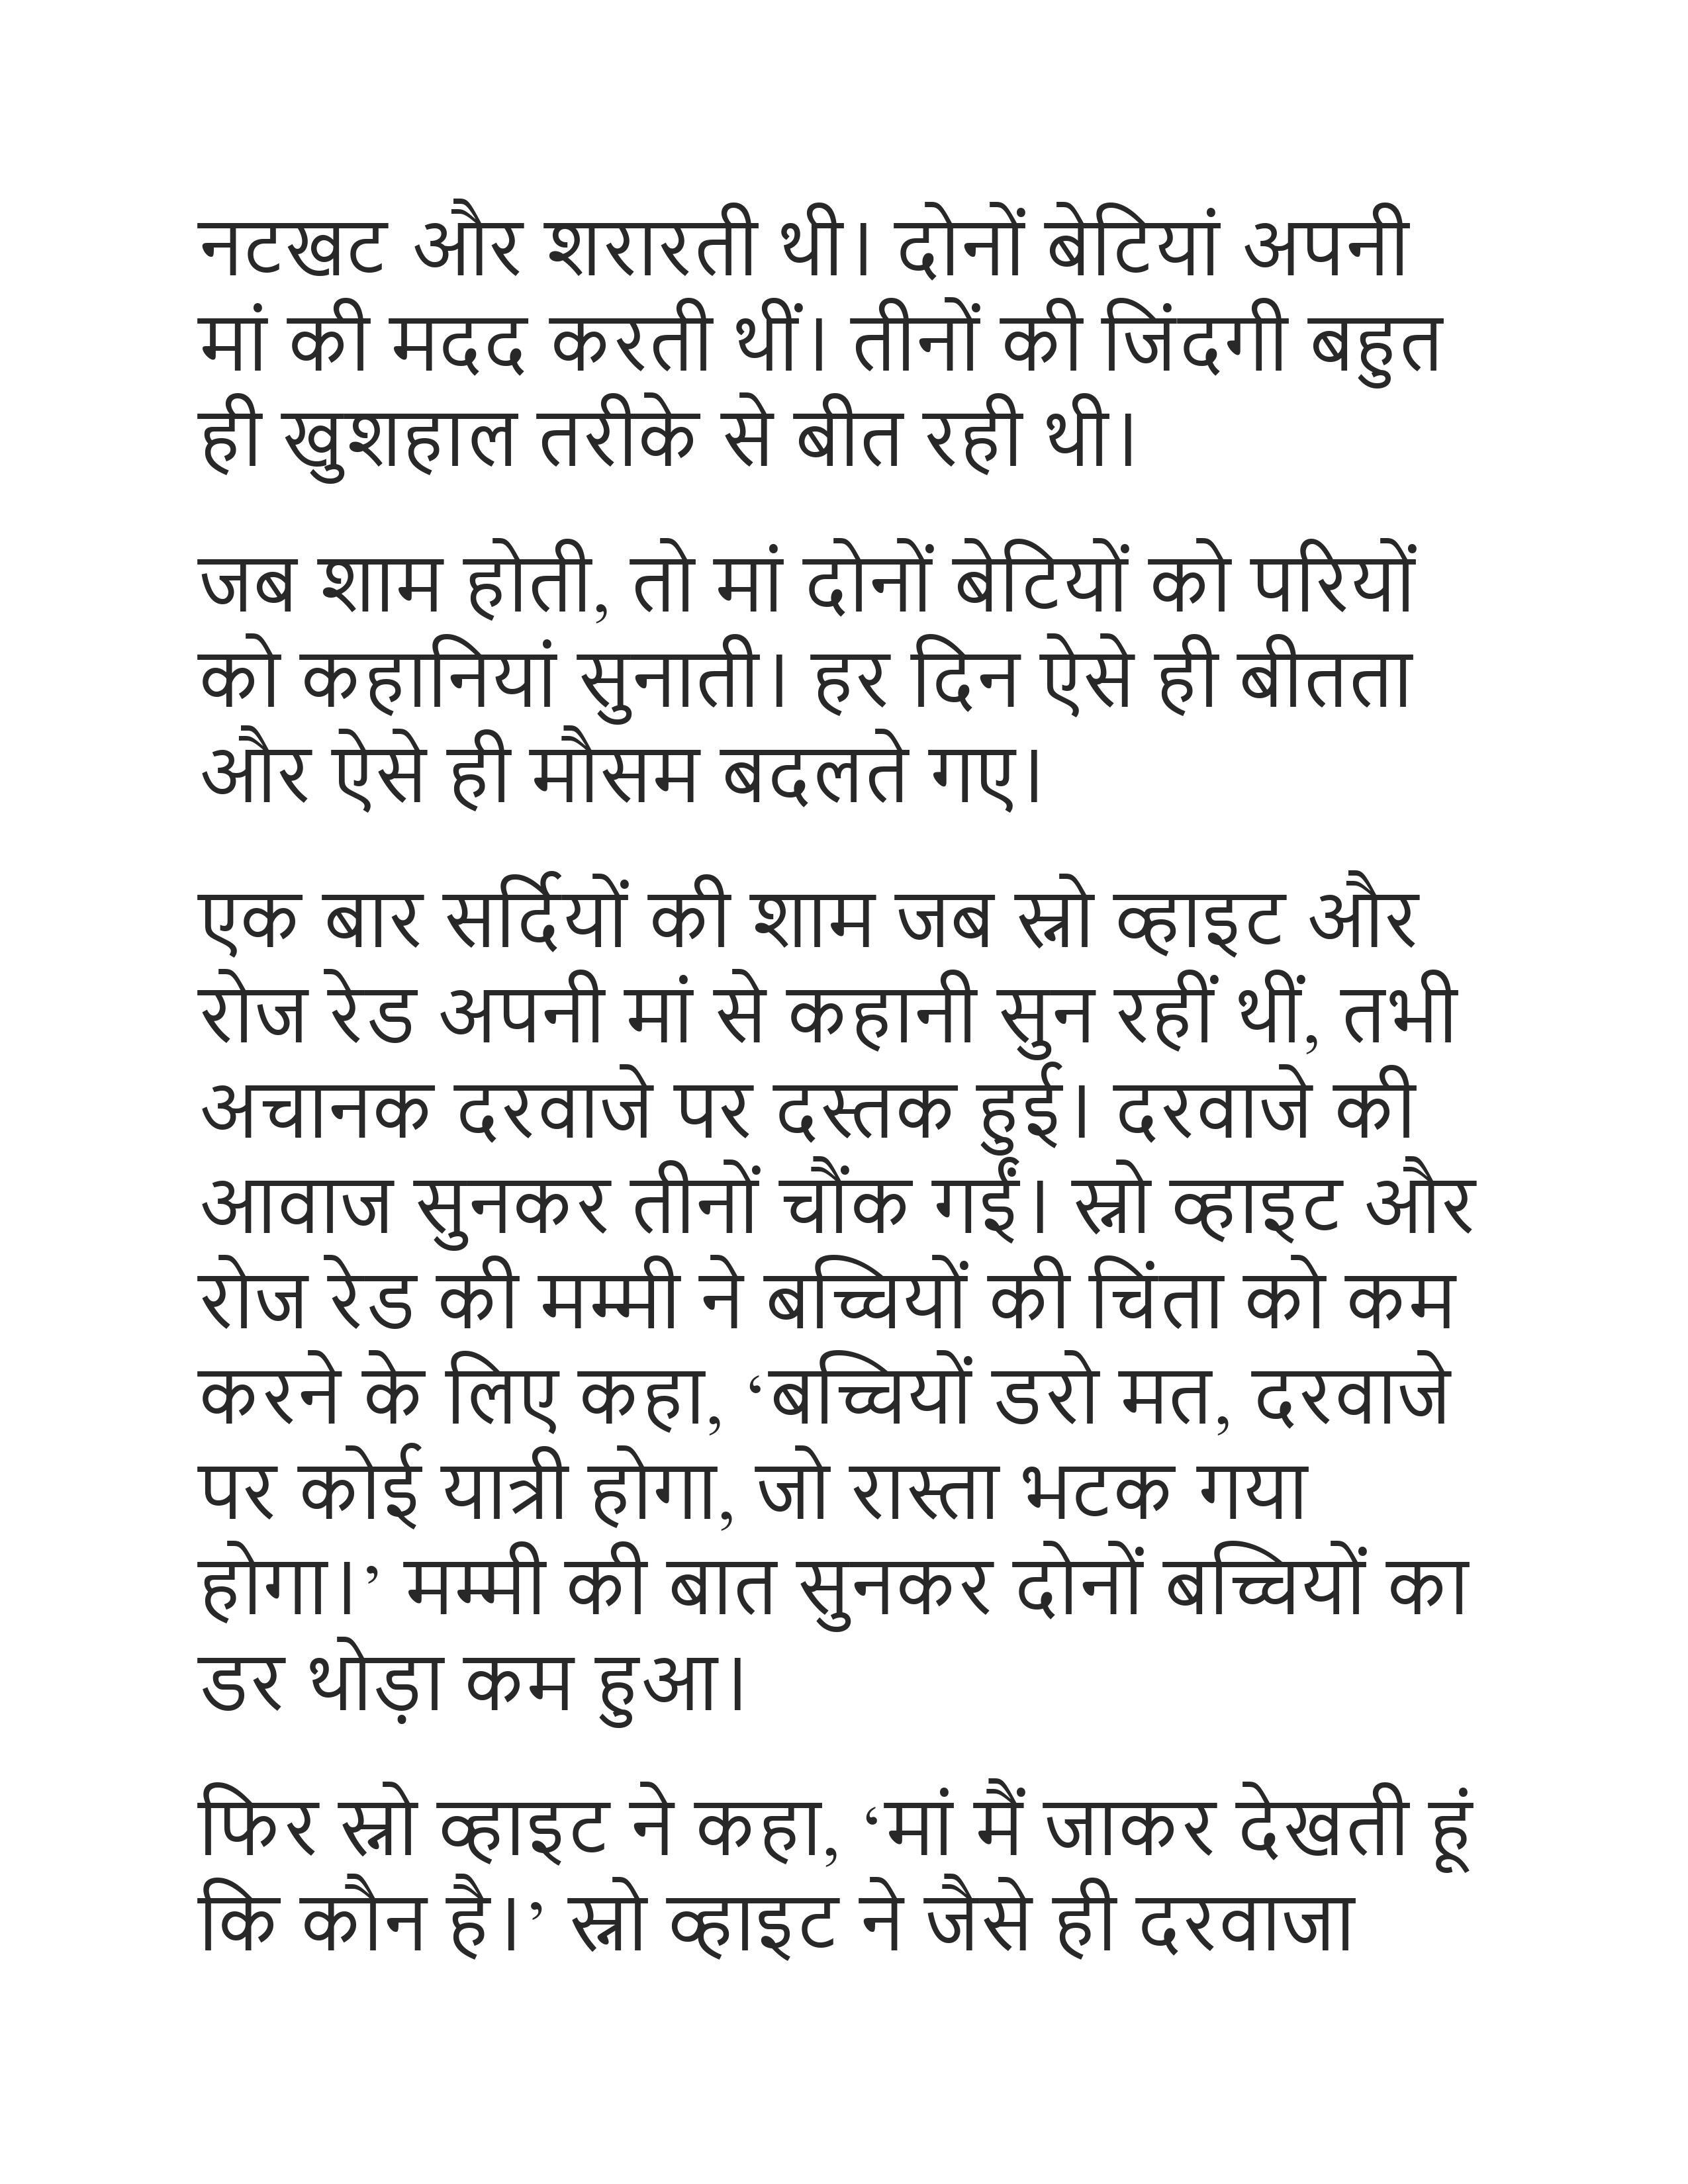 Fairy tales hindi pariyon ki kahaniya 2 1